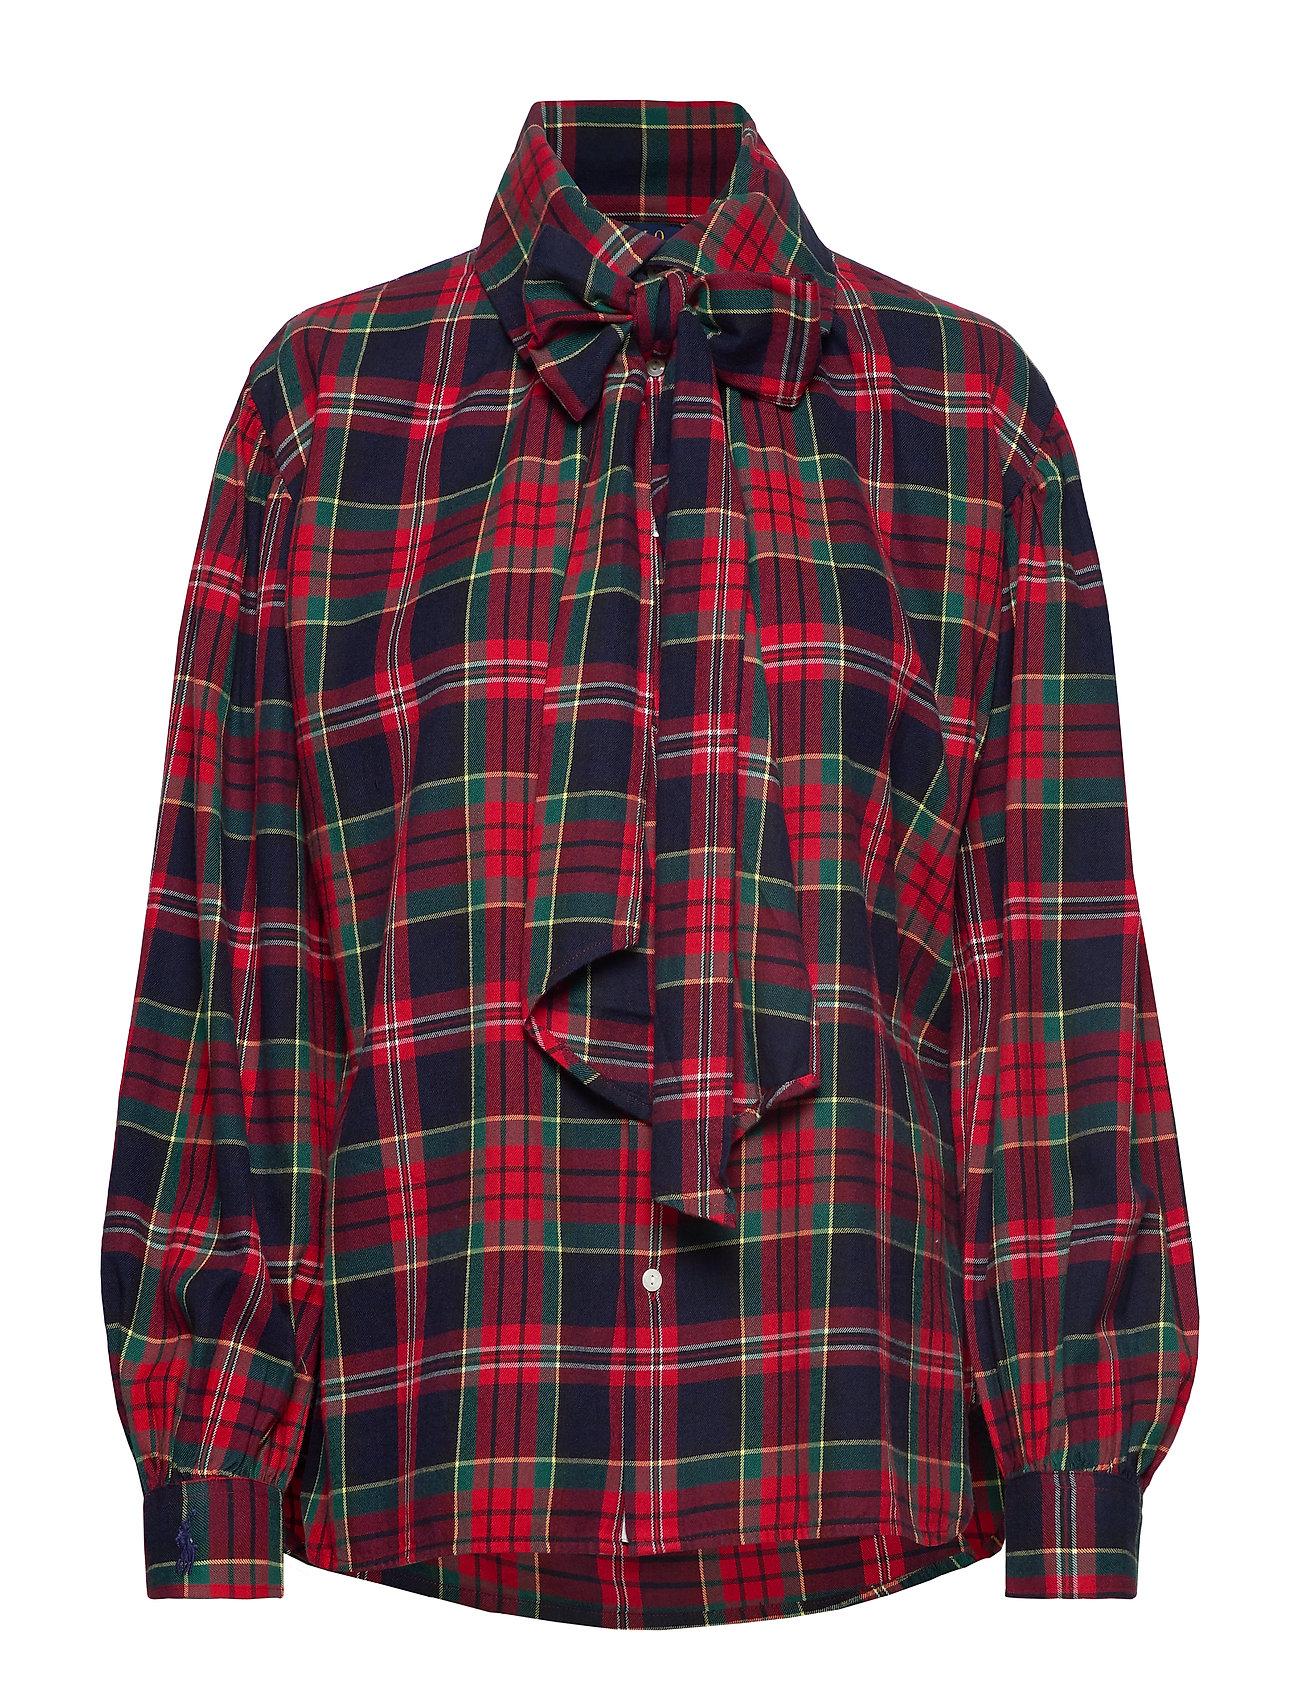 Polo Ralph Lauren Plaid Necktie Cotton Shirt - 400 RED/NAVY